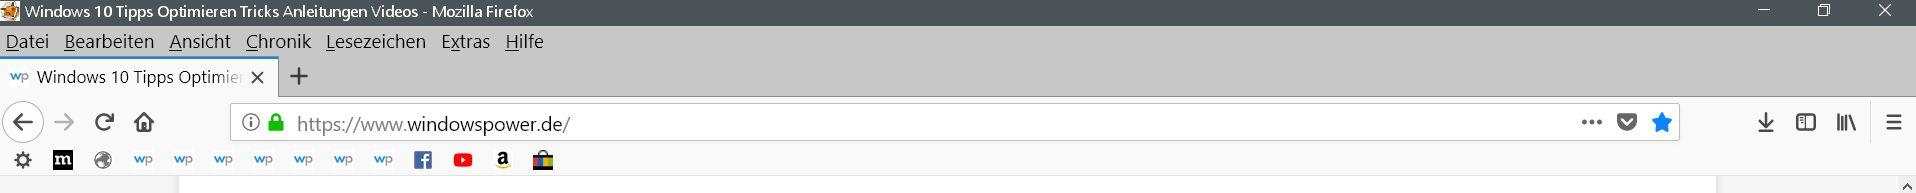 nur favicons - Firefox Lesezeichensymbolleiste ohne Text anzeigen